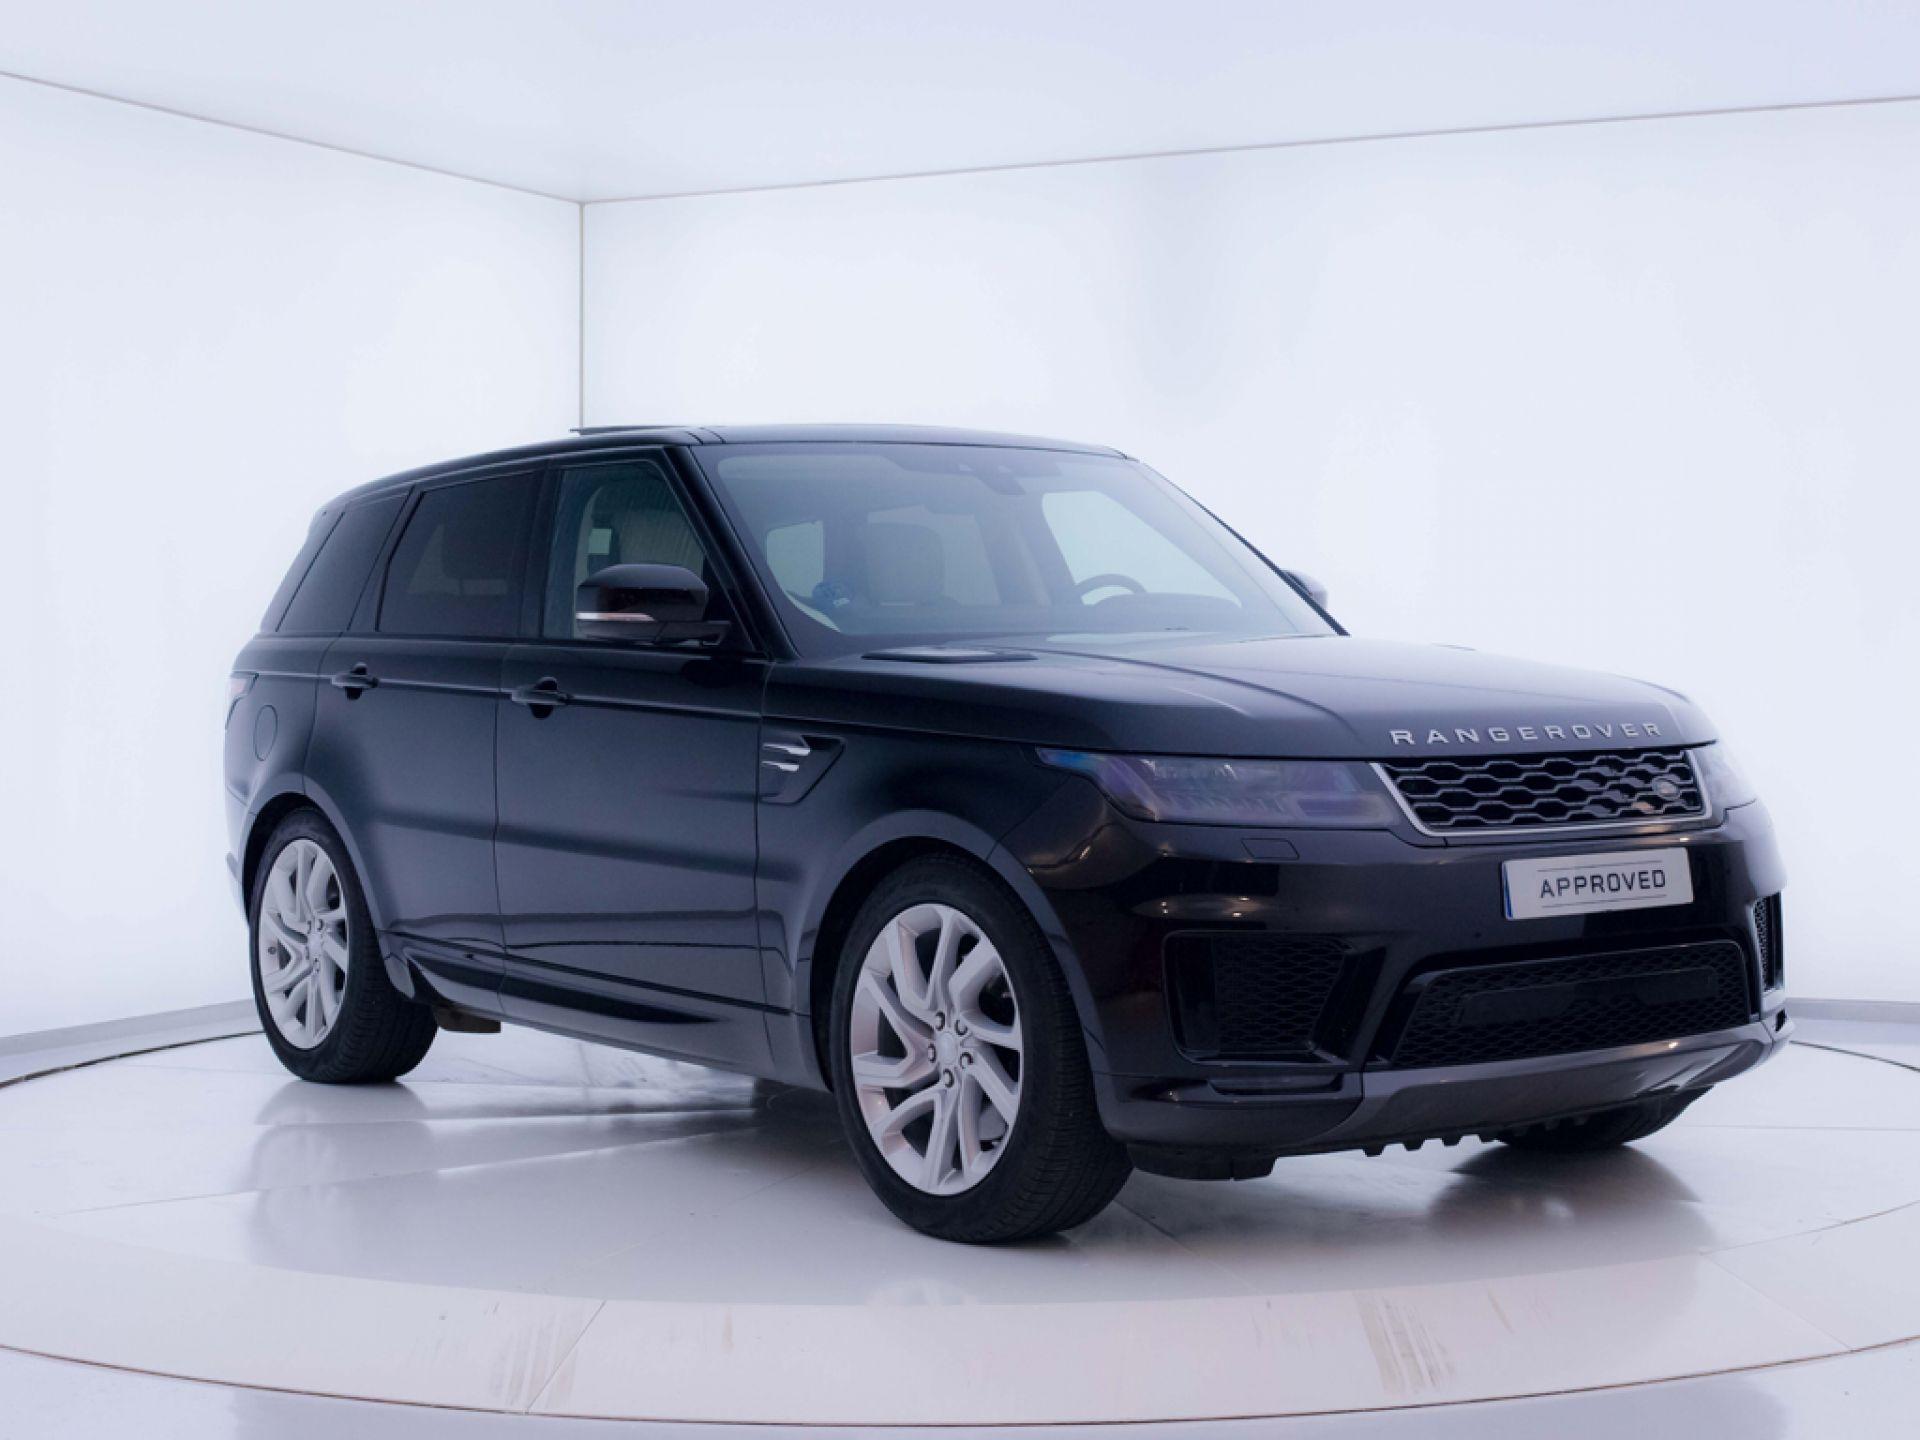 Land Rover Range Rover Sport 2.0 Si4 PHEV (404CV) HSE